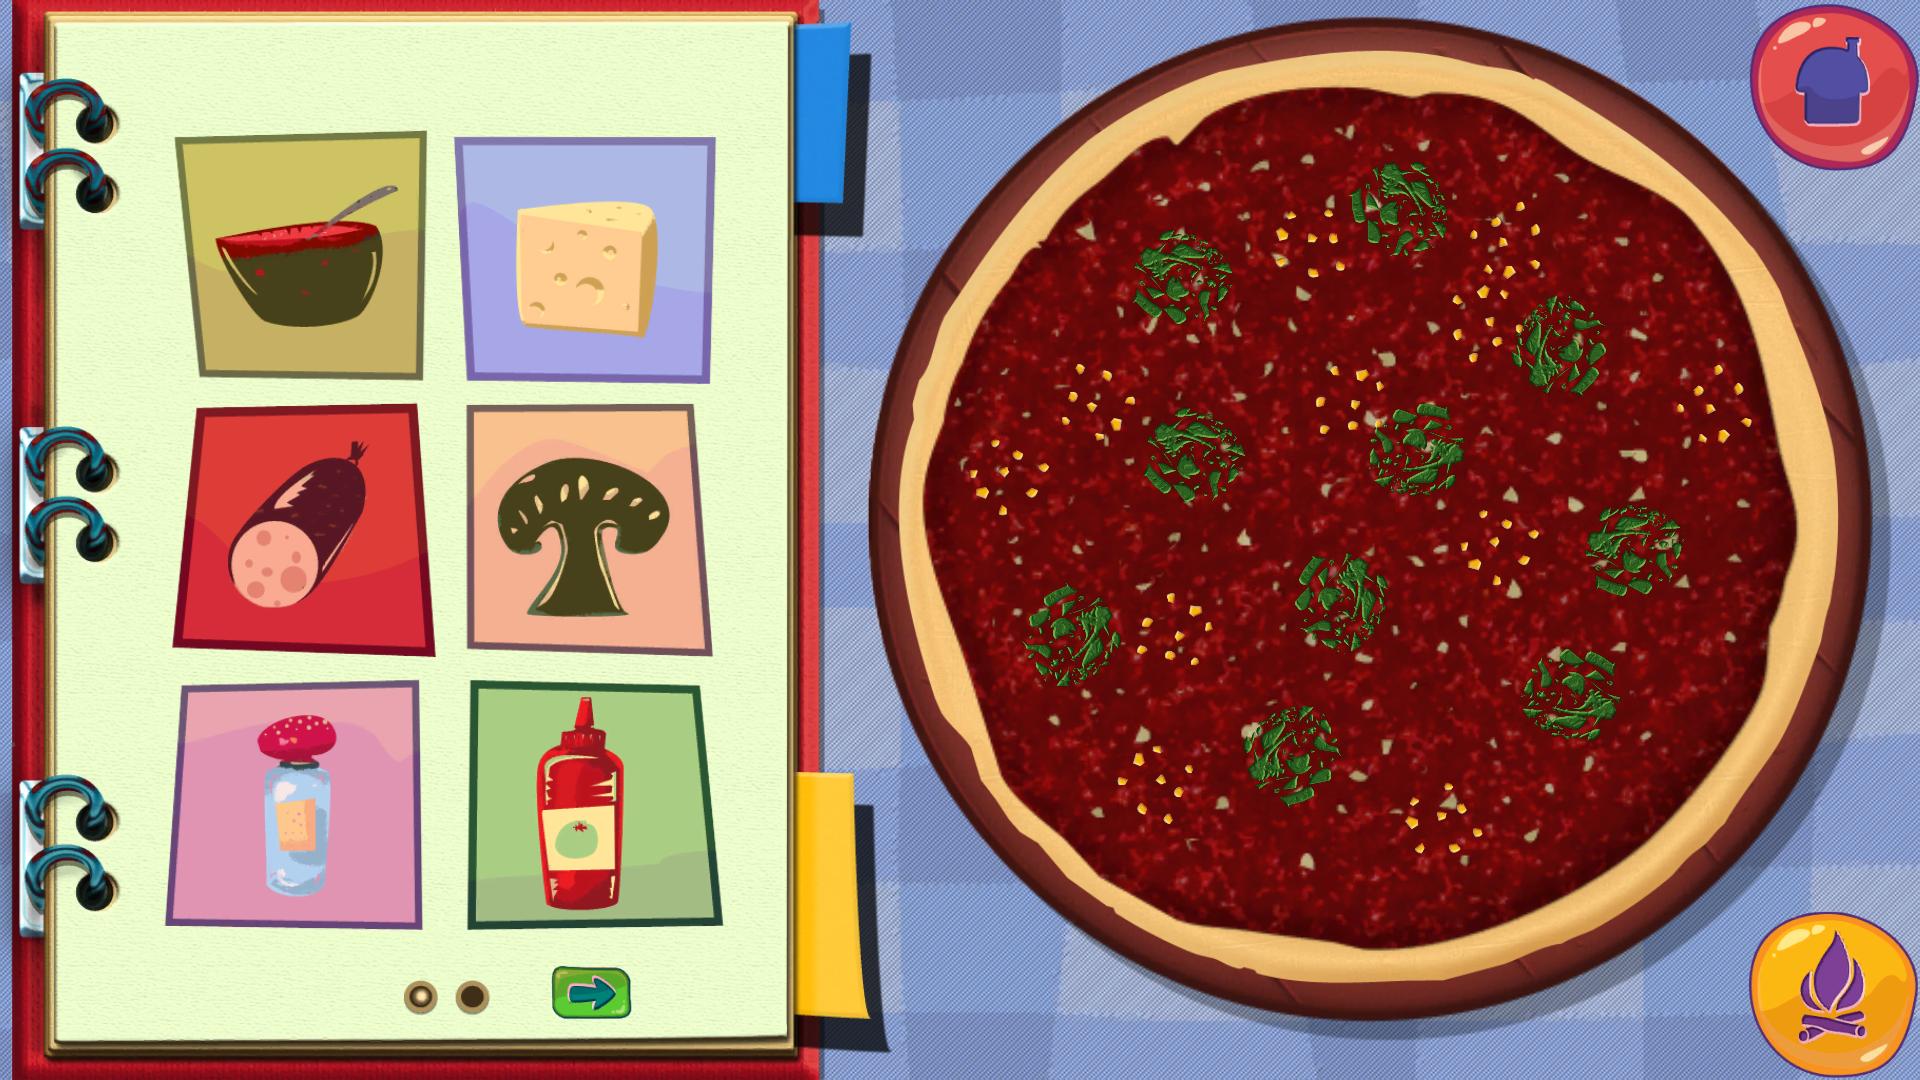 Pizzaiolo giochi di cucina appstore per android - Jeu de cuisine virtuel ...